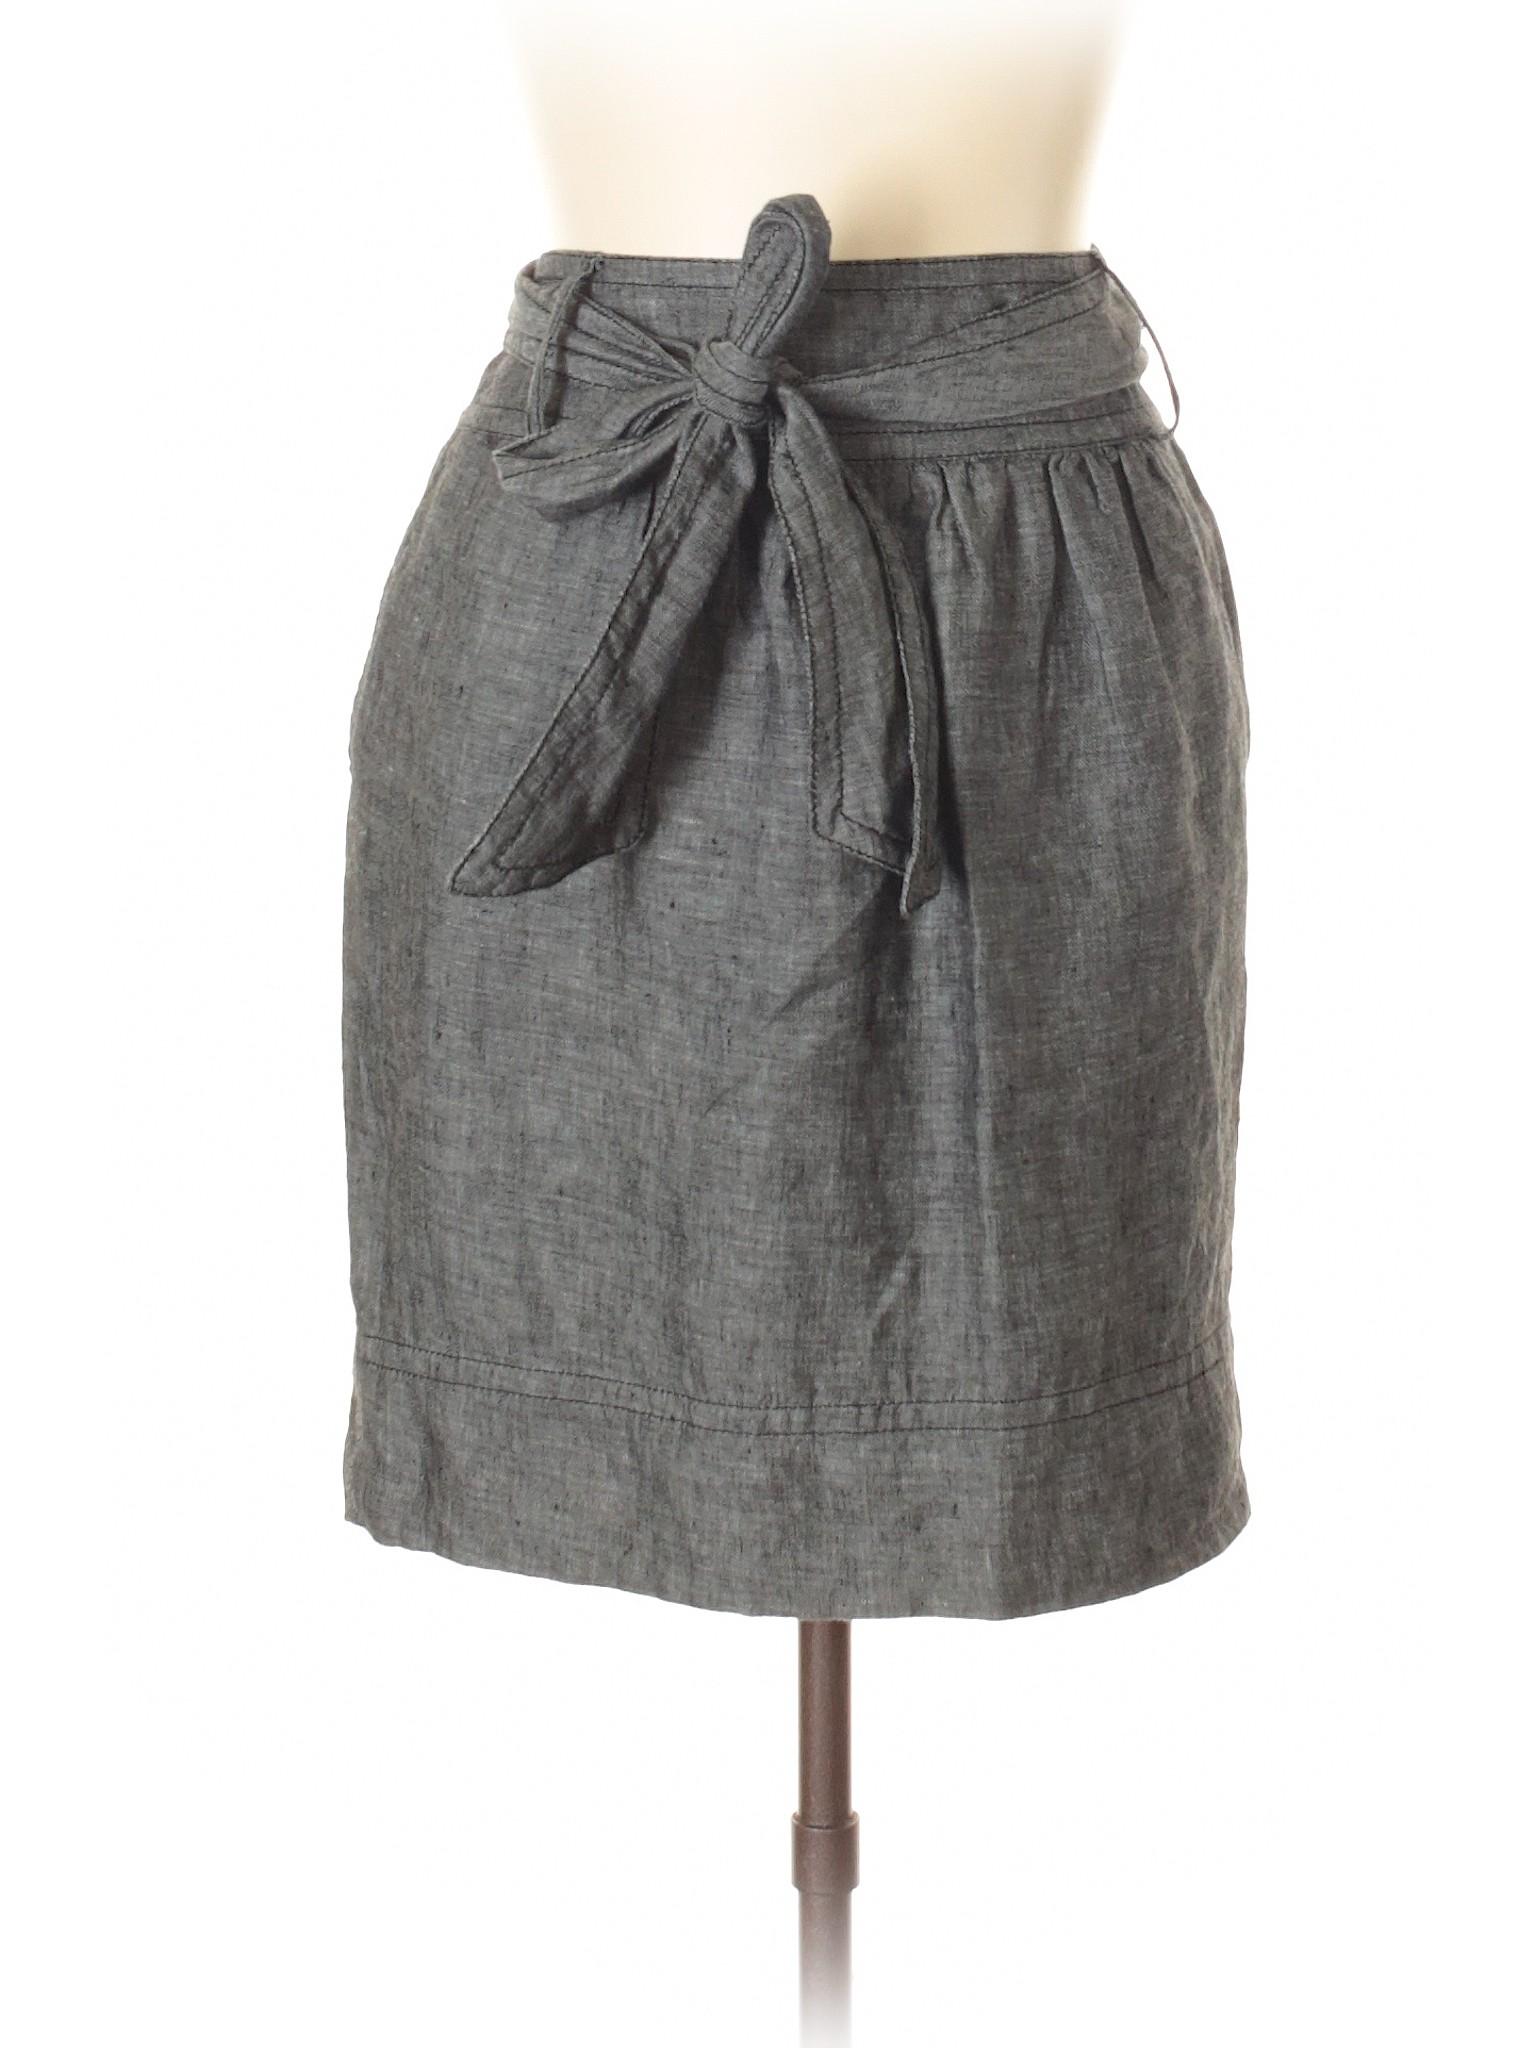 Boutique Boutique Casual Skirt Skirt Skirt Boutique Boutique Boutique Skirt Casual Casual Casual aZwqrxa